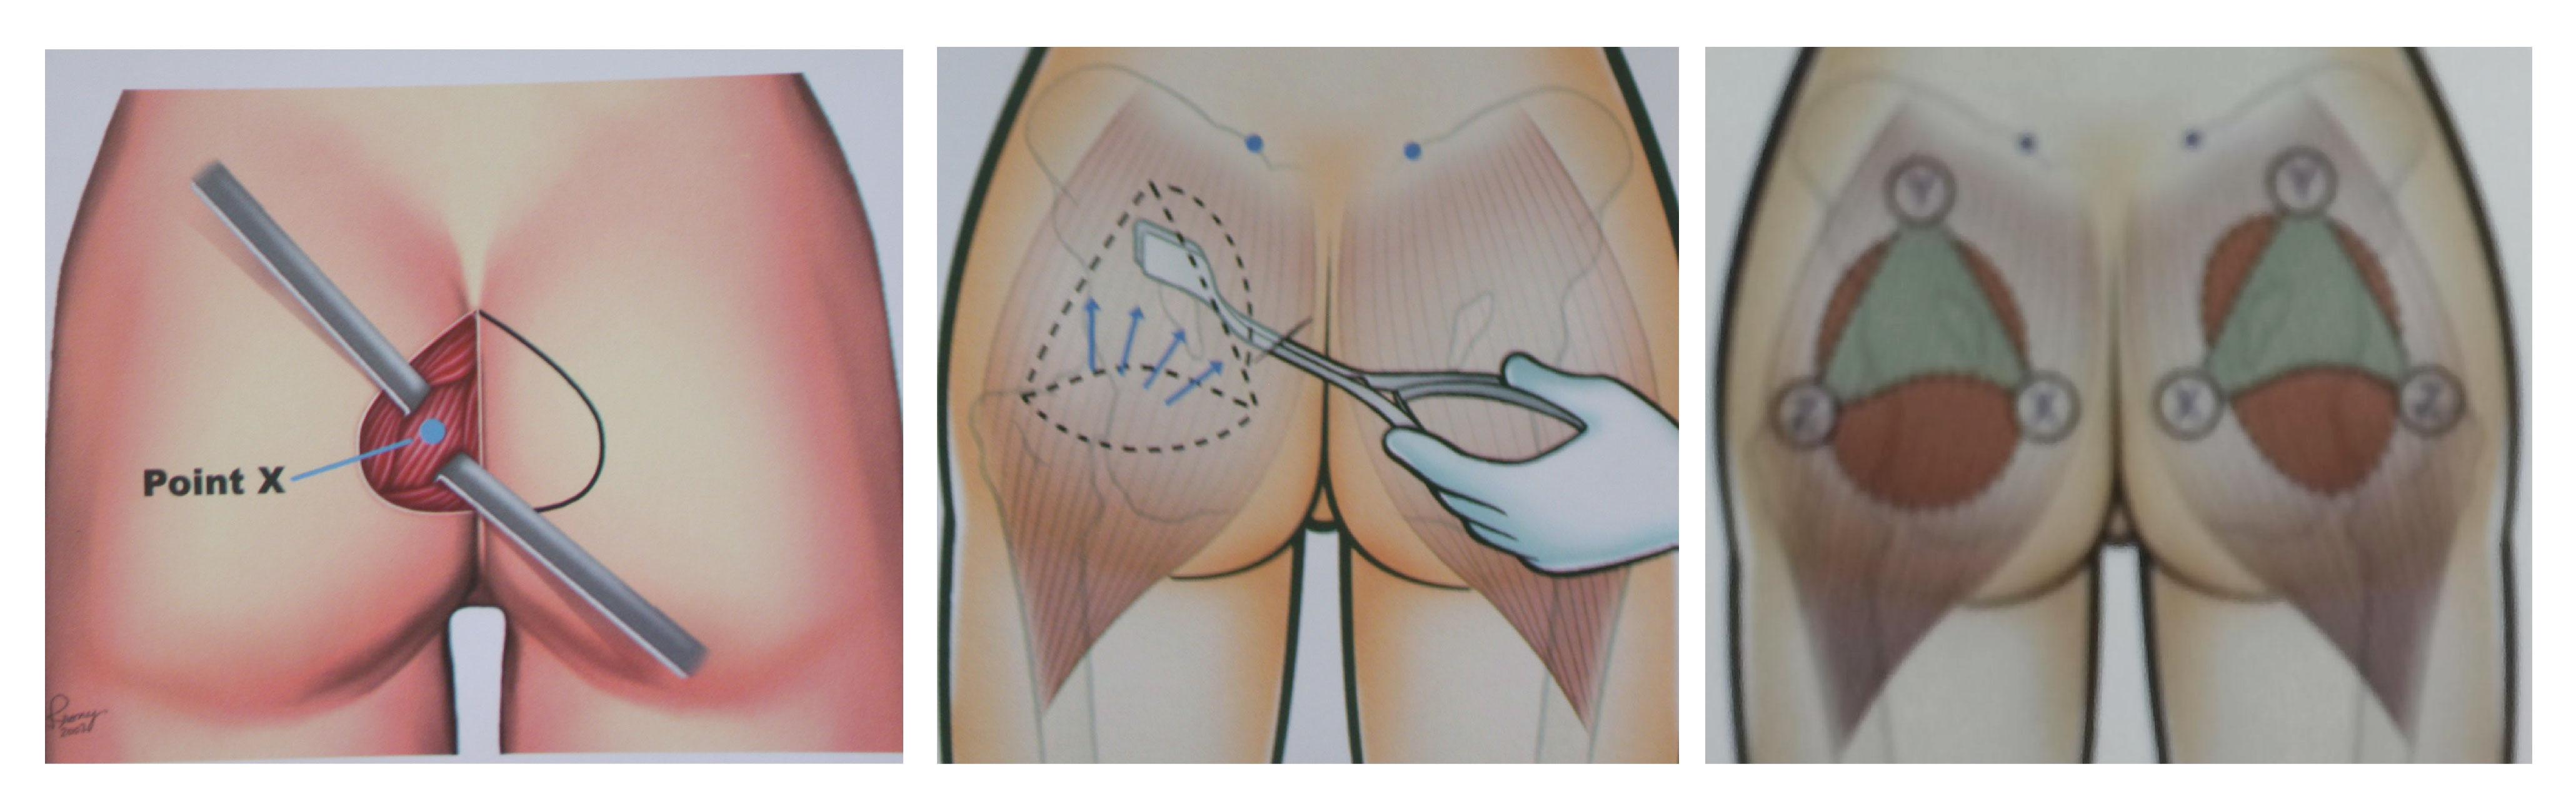 Tìm hiểu kỹ hơn về độn mông bằng túi gel siêu dính2